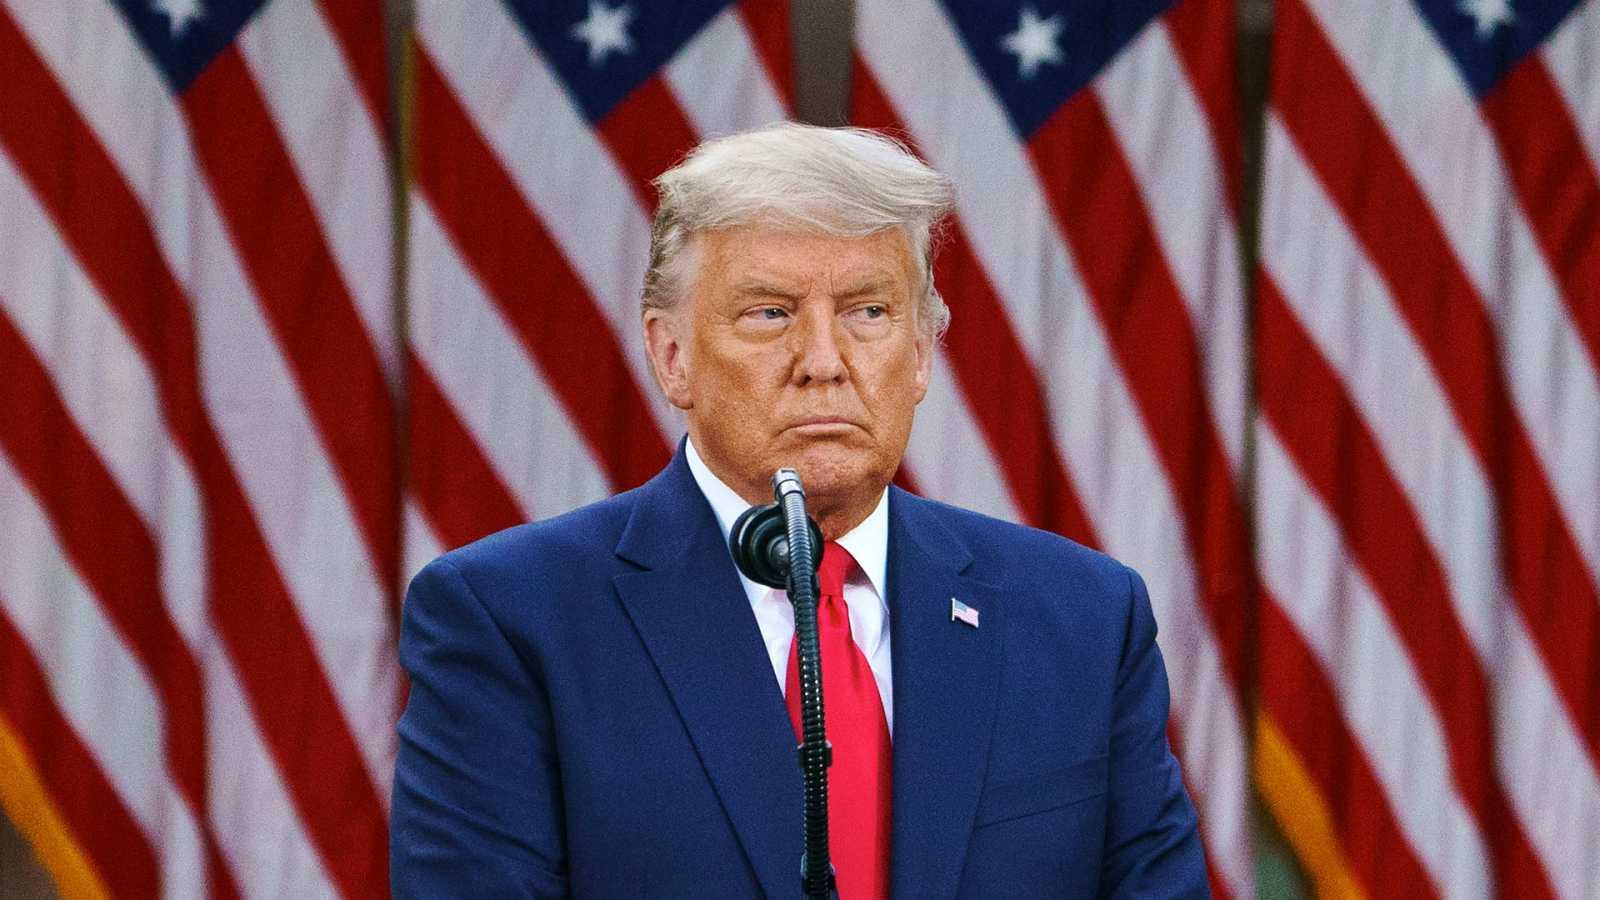 Las mañanas de RNE con Íñigo Alfonso - Trump desbloquea el traspaso de poder a Biden, aunque sigue sin reconocer su derrota - Escuchar ahora